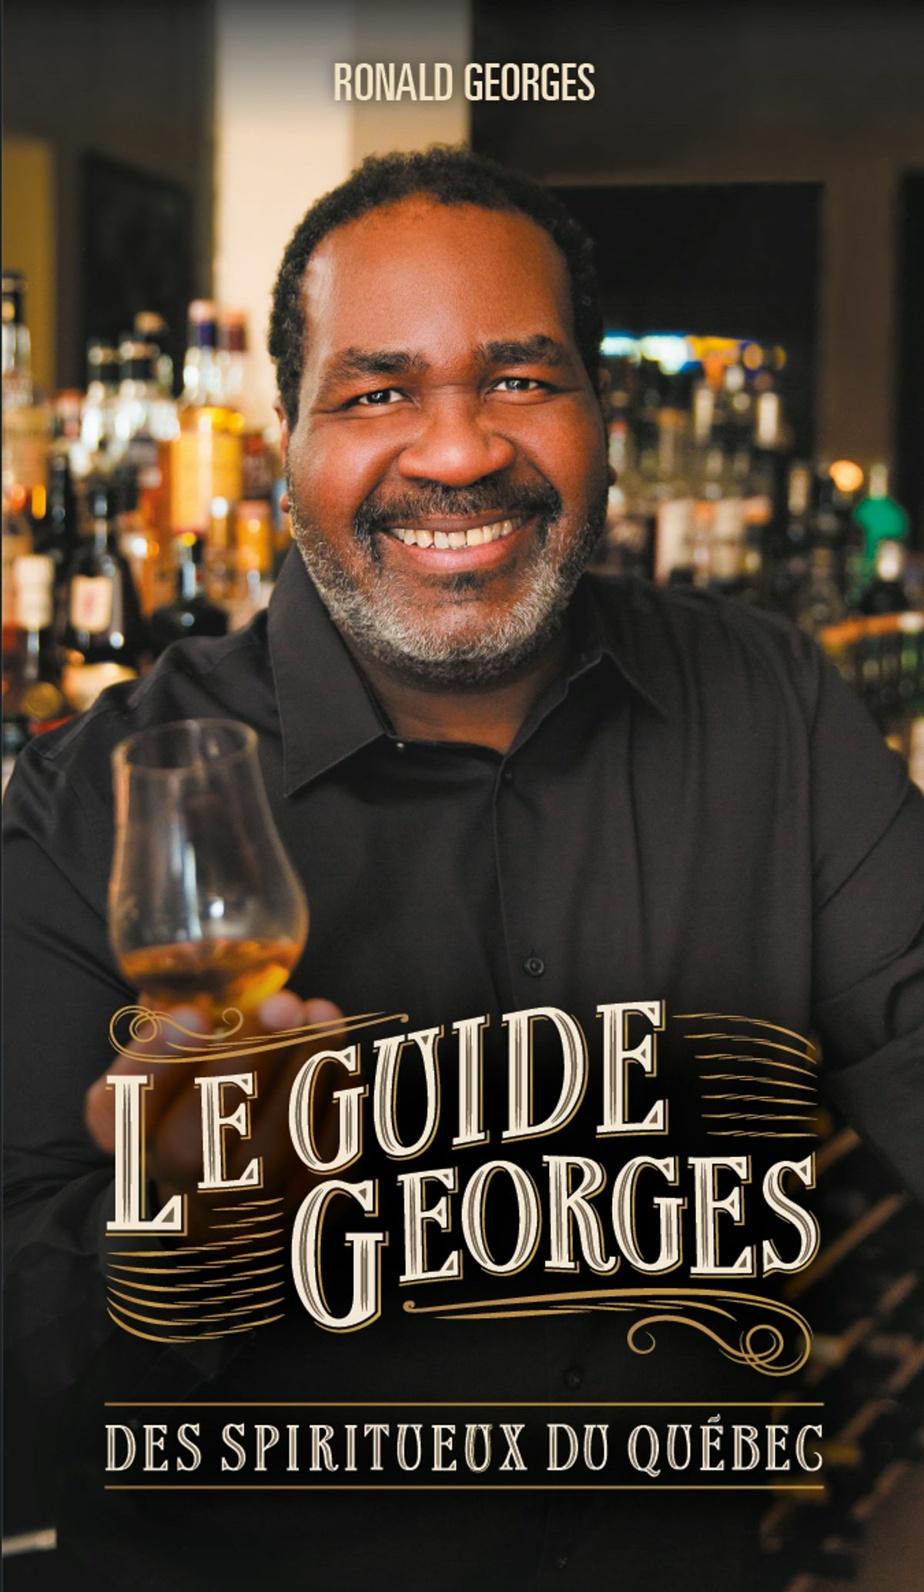 Le Guide Georges des spiritueux duQuébec